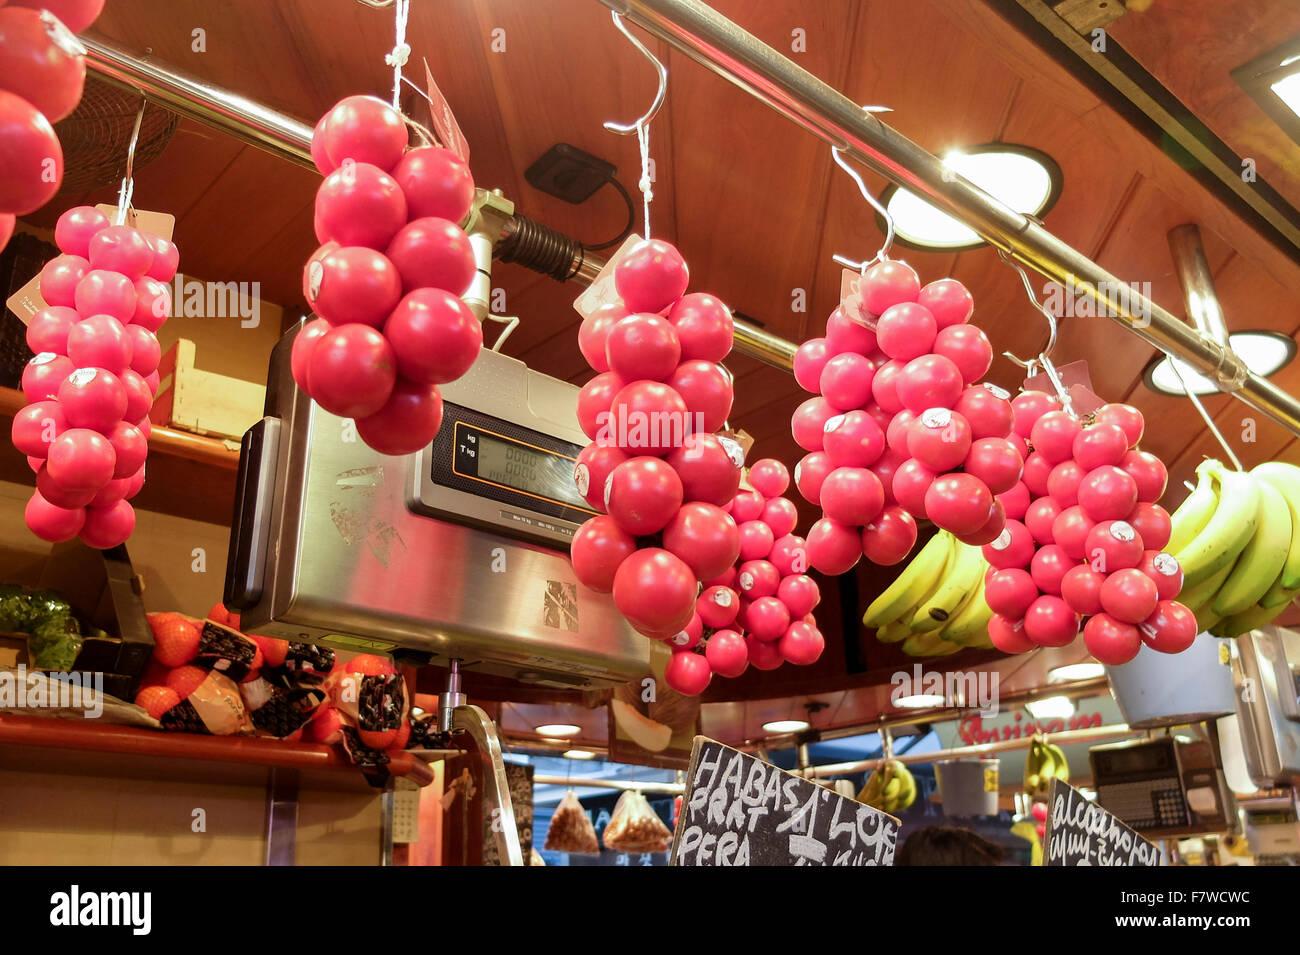 Fruit Stall in Mercat St Josep, Barcelona, Spain - Stock Image